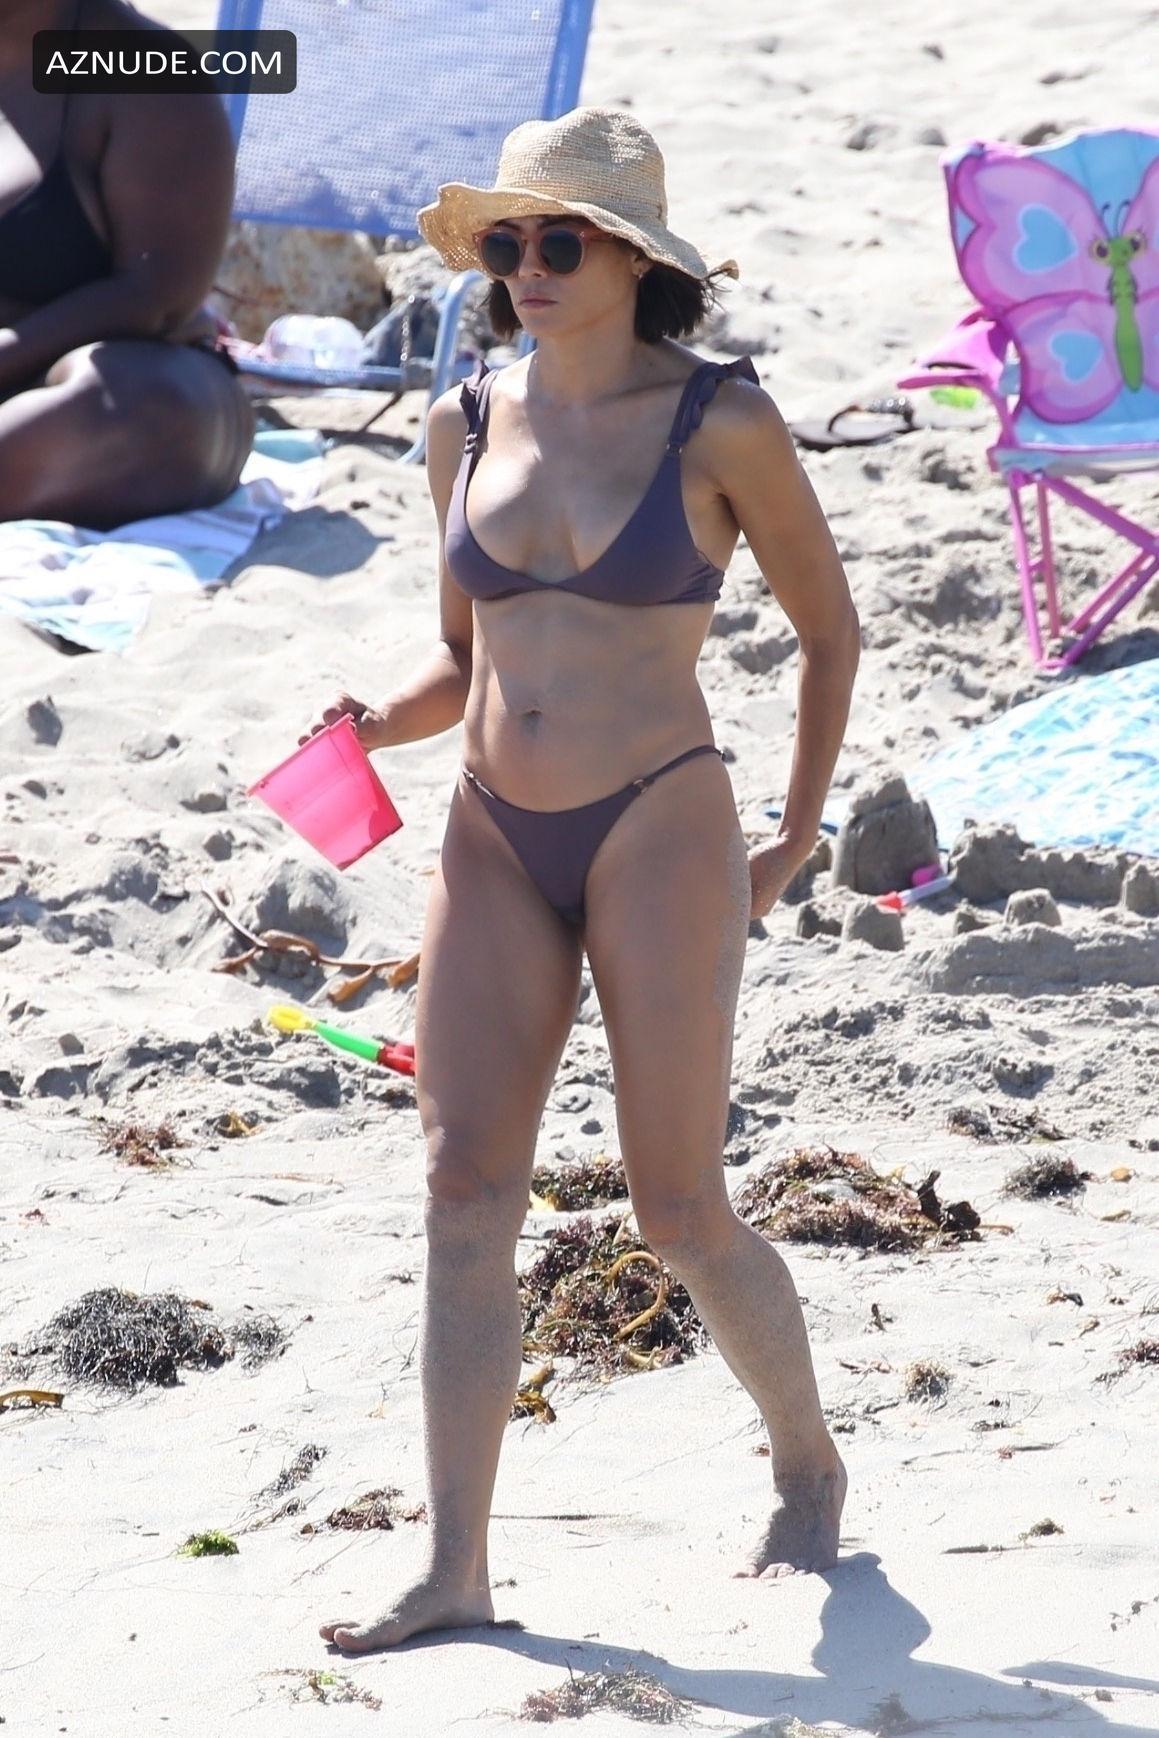 Jenna Dewan Tatum Nude - Aznude-4902